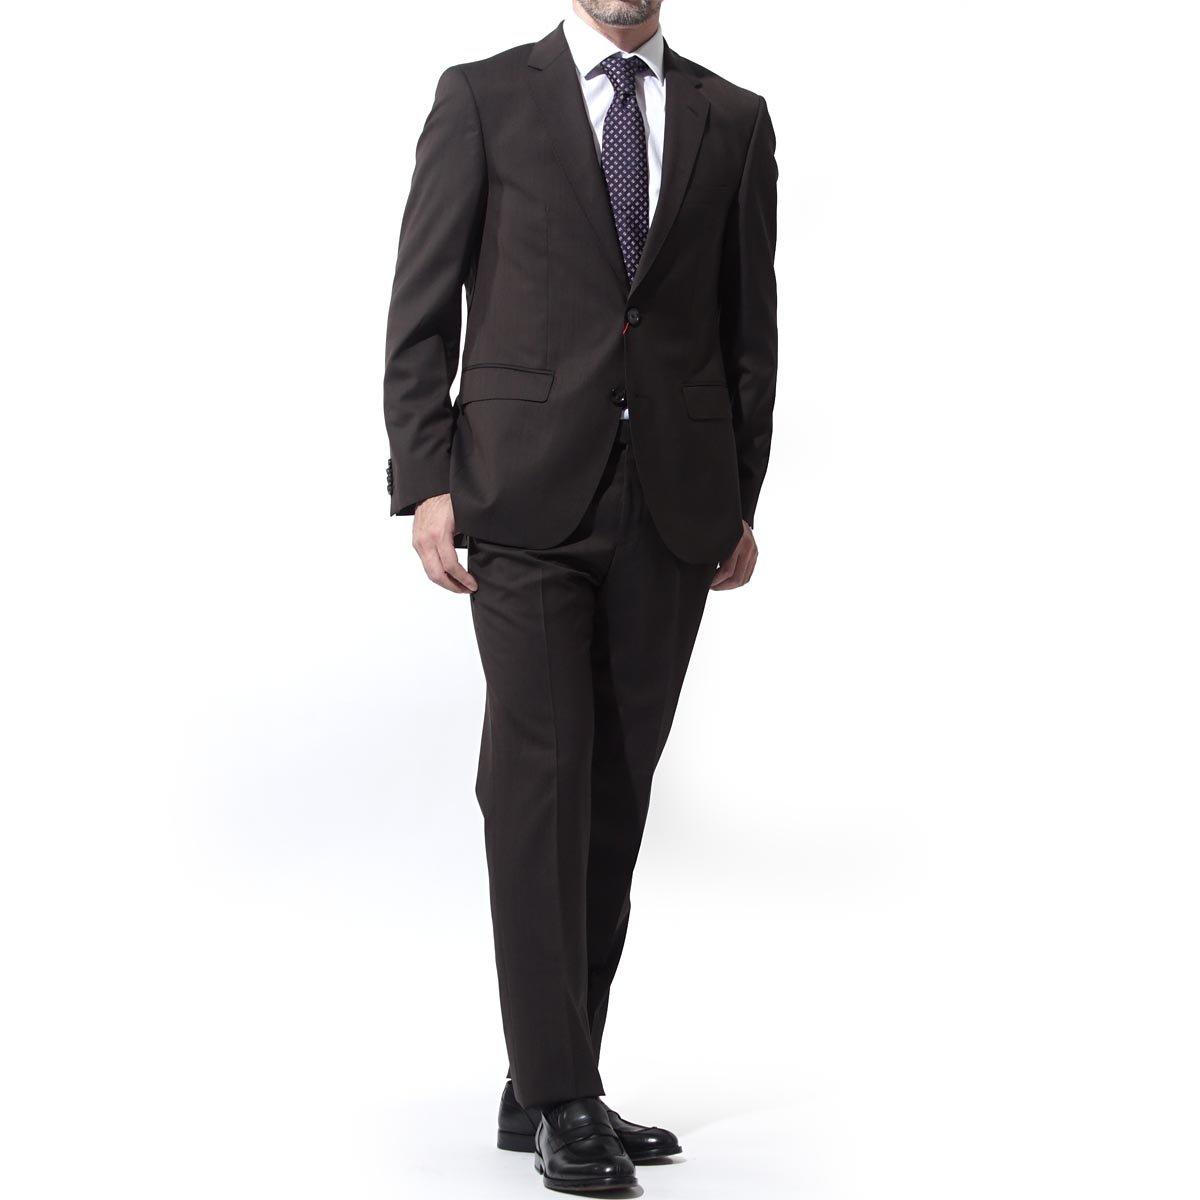 (ヒューゴボス) HUGO HUGOBOSS ストレッチ 2つボタン スーツ/JEFFRY/SIMMONS 182 REGULAR FIT レギュラーフィット [並行輸入品] B07DGDBYKH 52